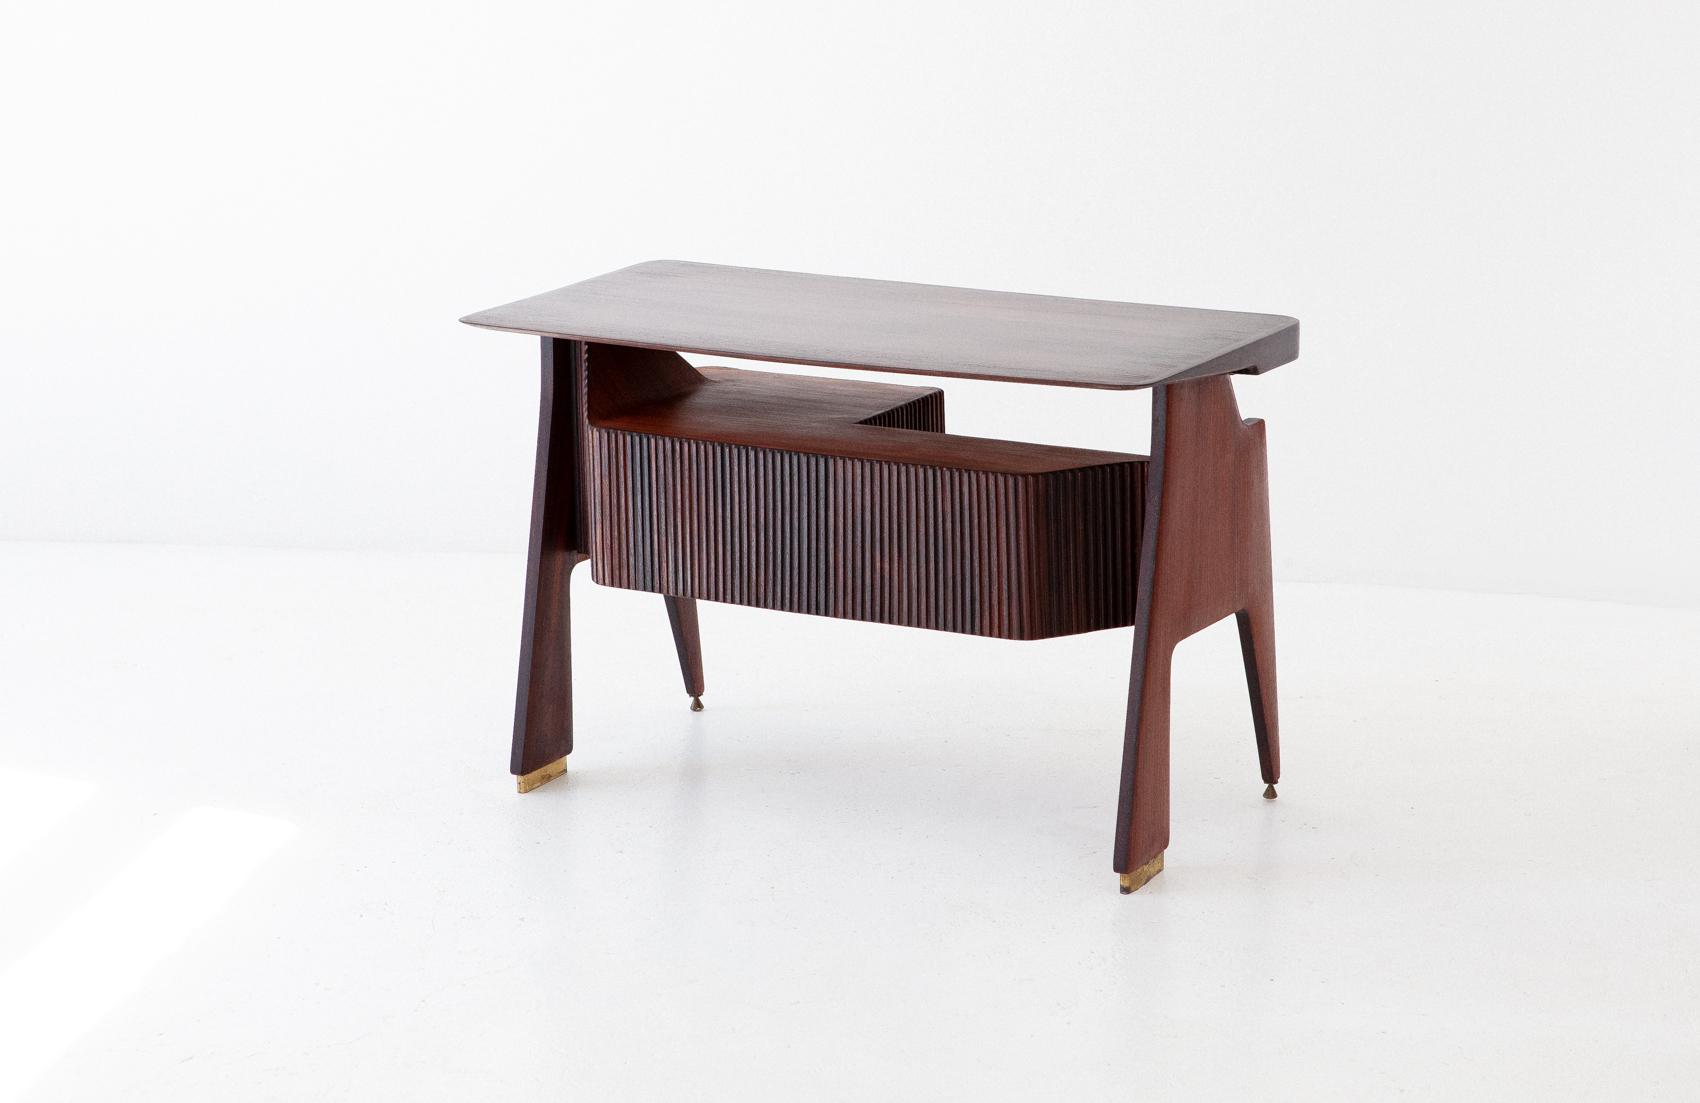 1950s-Italian-rosewood-desk-table-dassi-12-d28